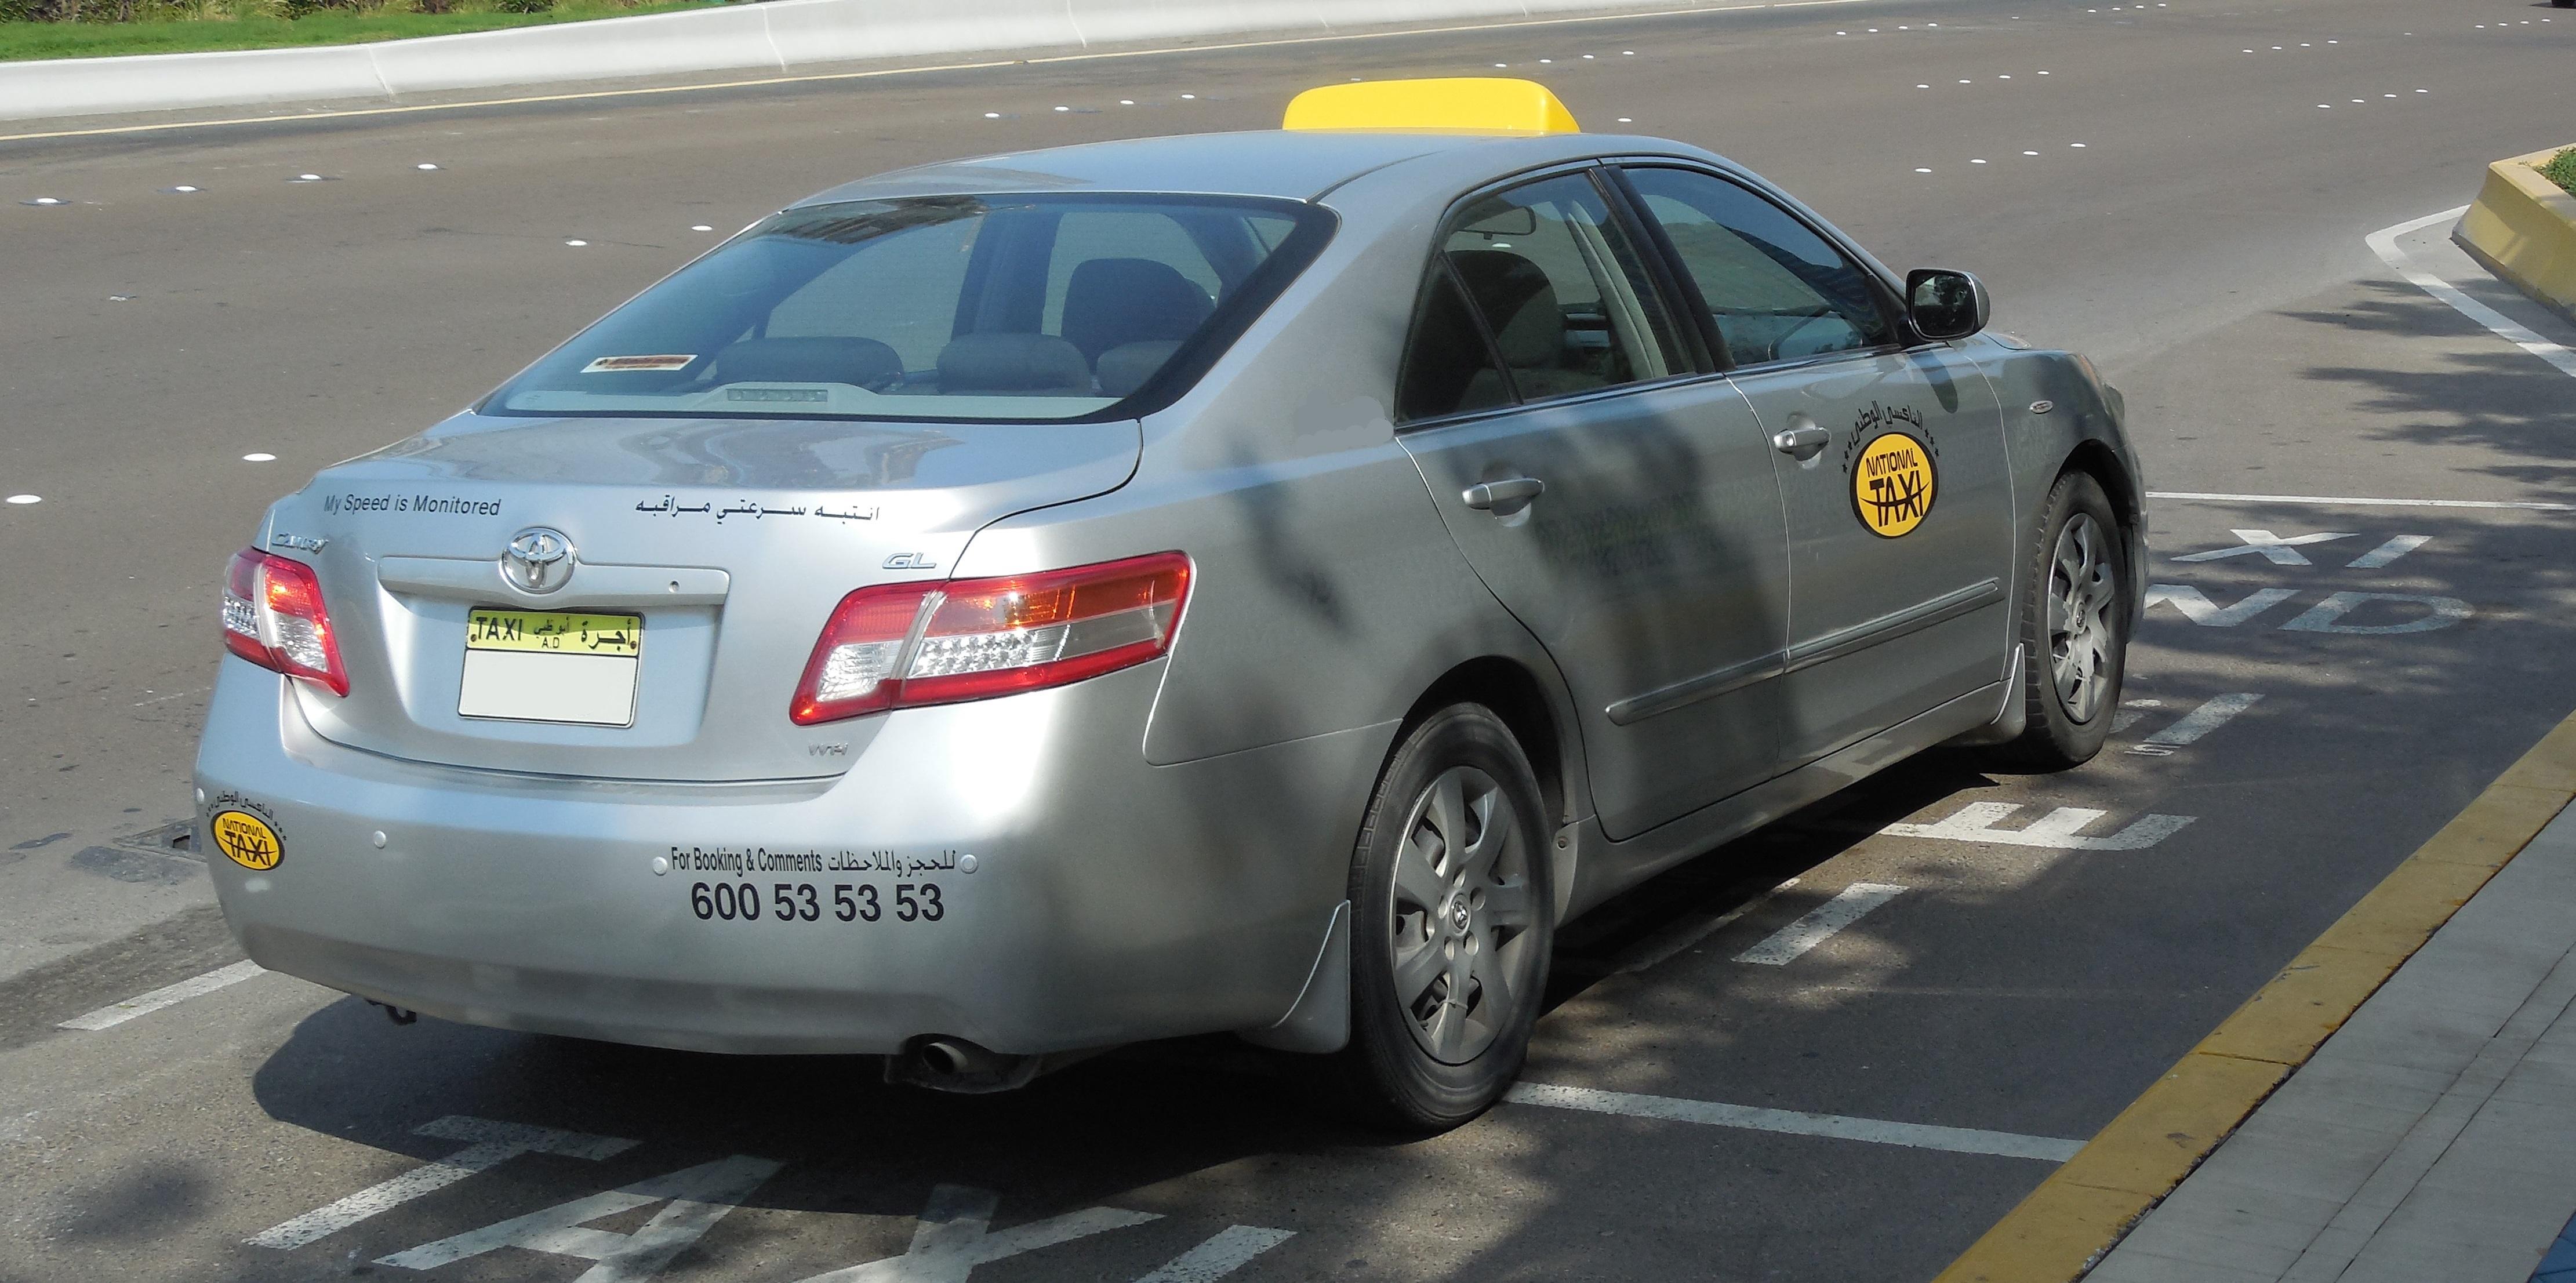 File:A taxi in Abu Dhabi, UAE JPG - Wikimedia Commons